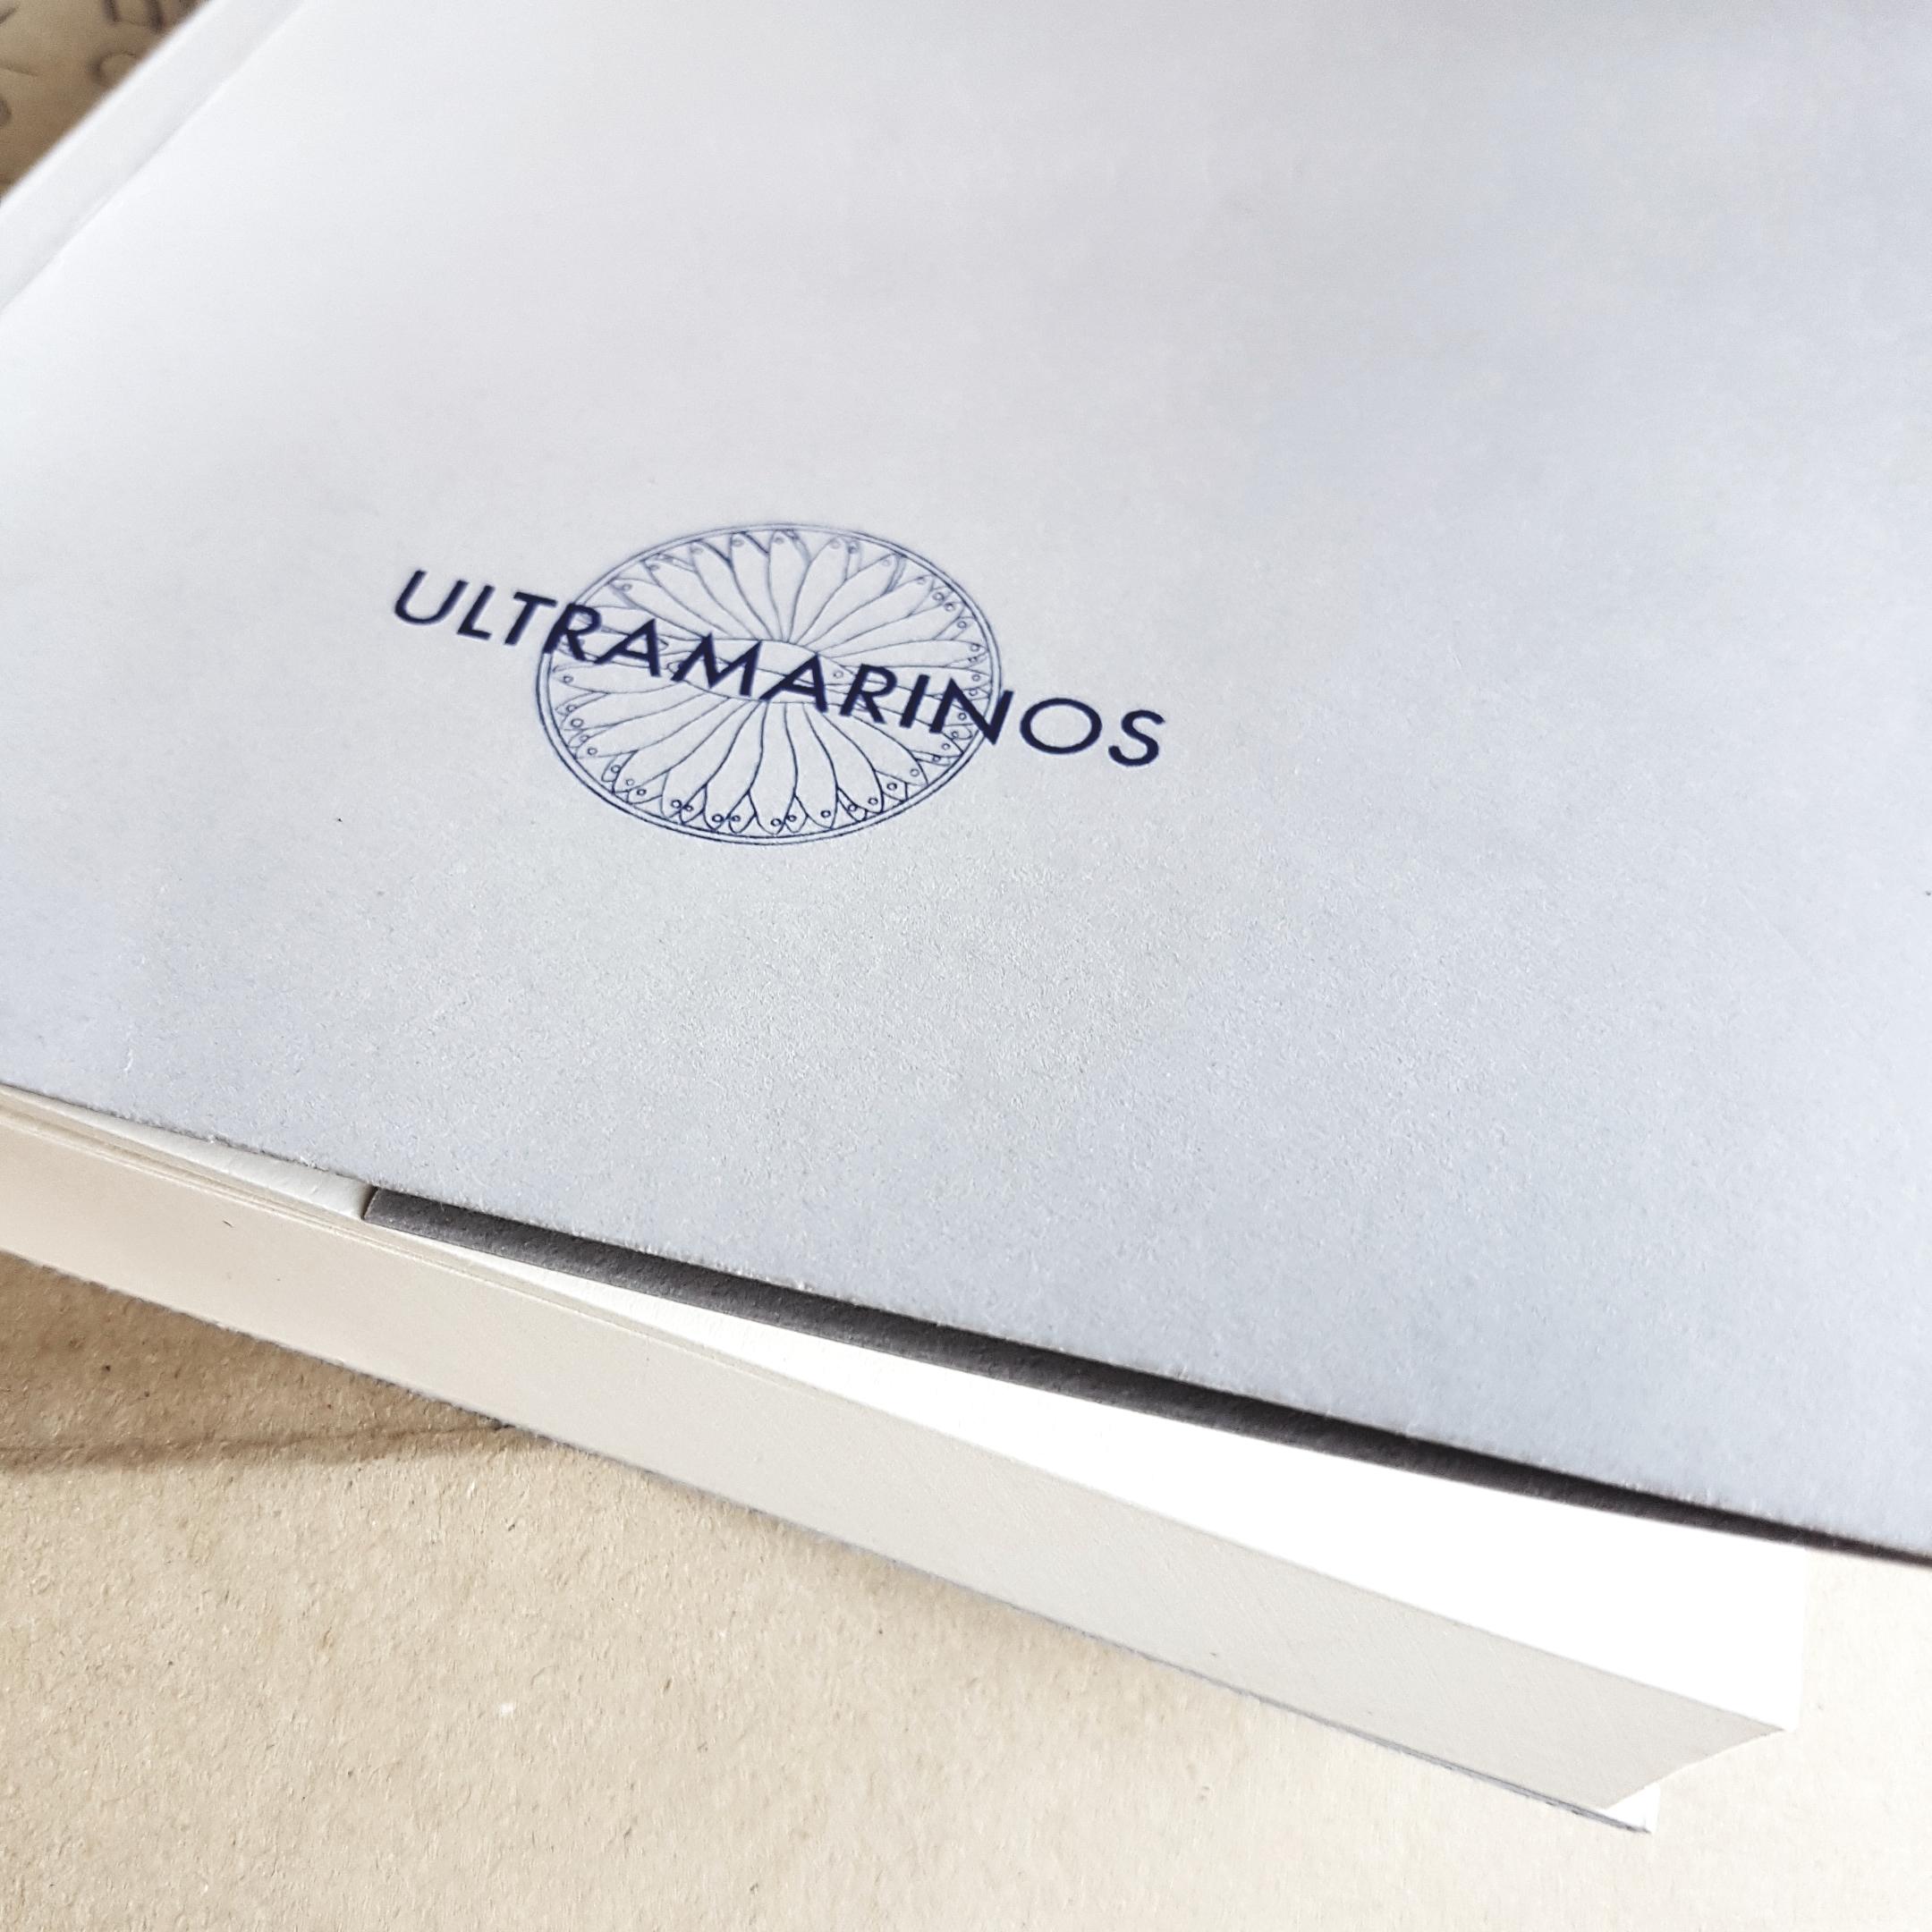 Ultramarinos Editorial